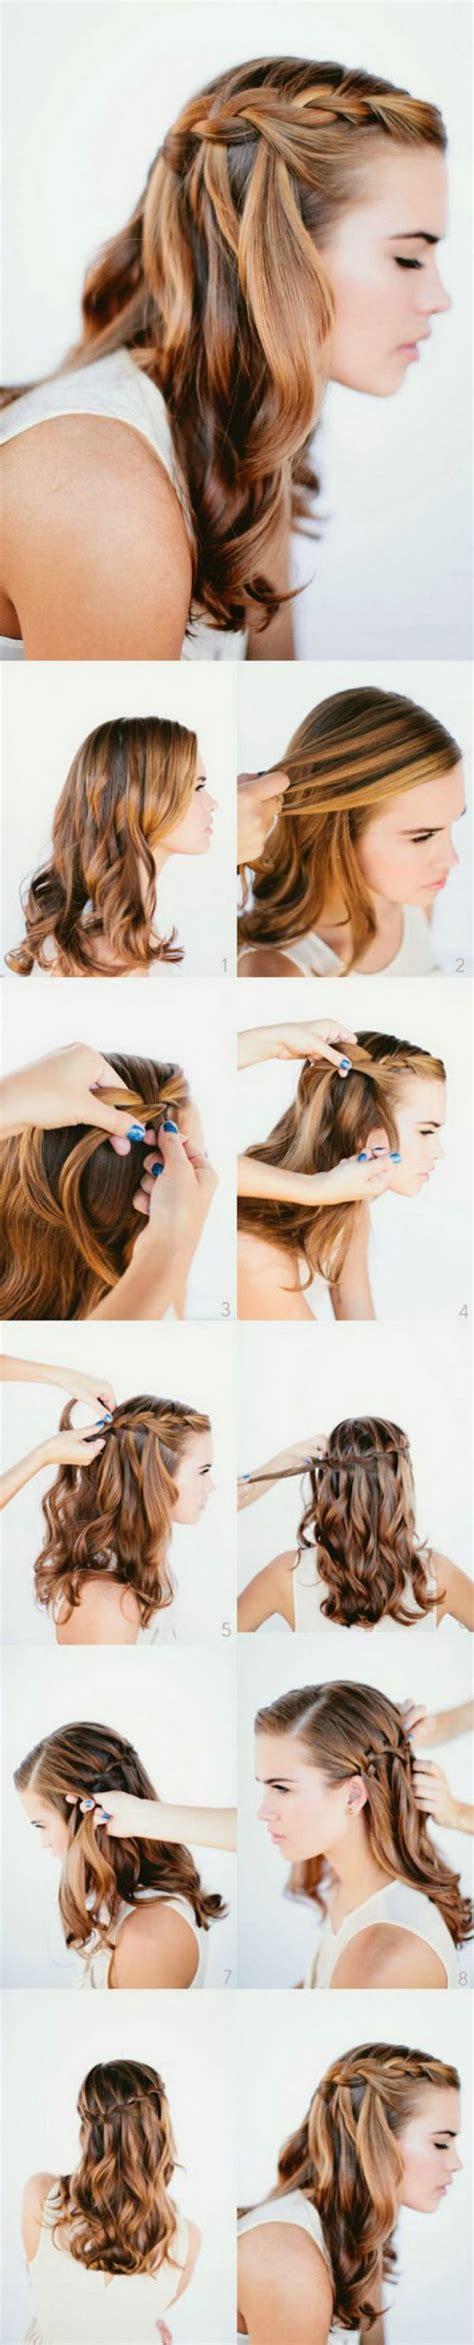 half up half wedding hairstyles step by step 55 stunning half up half hairstyles